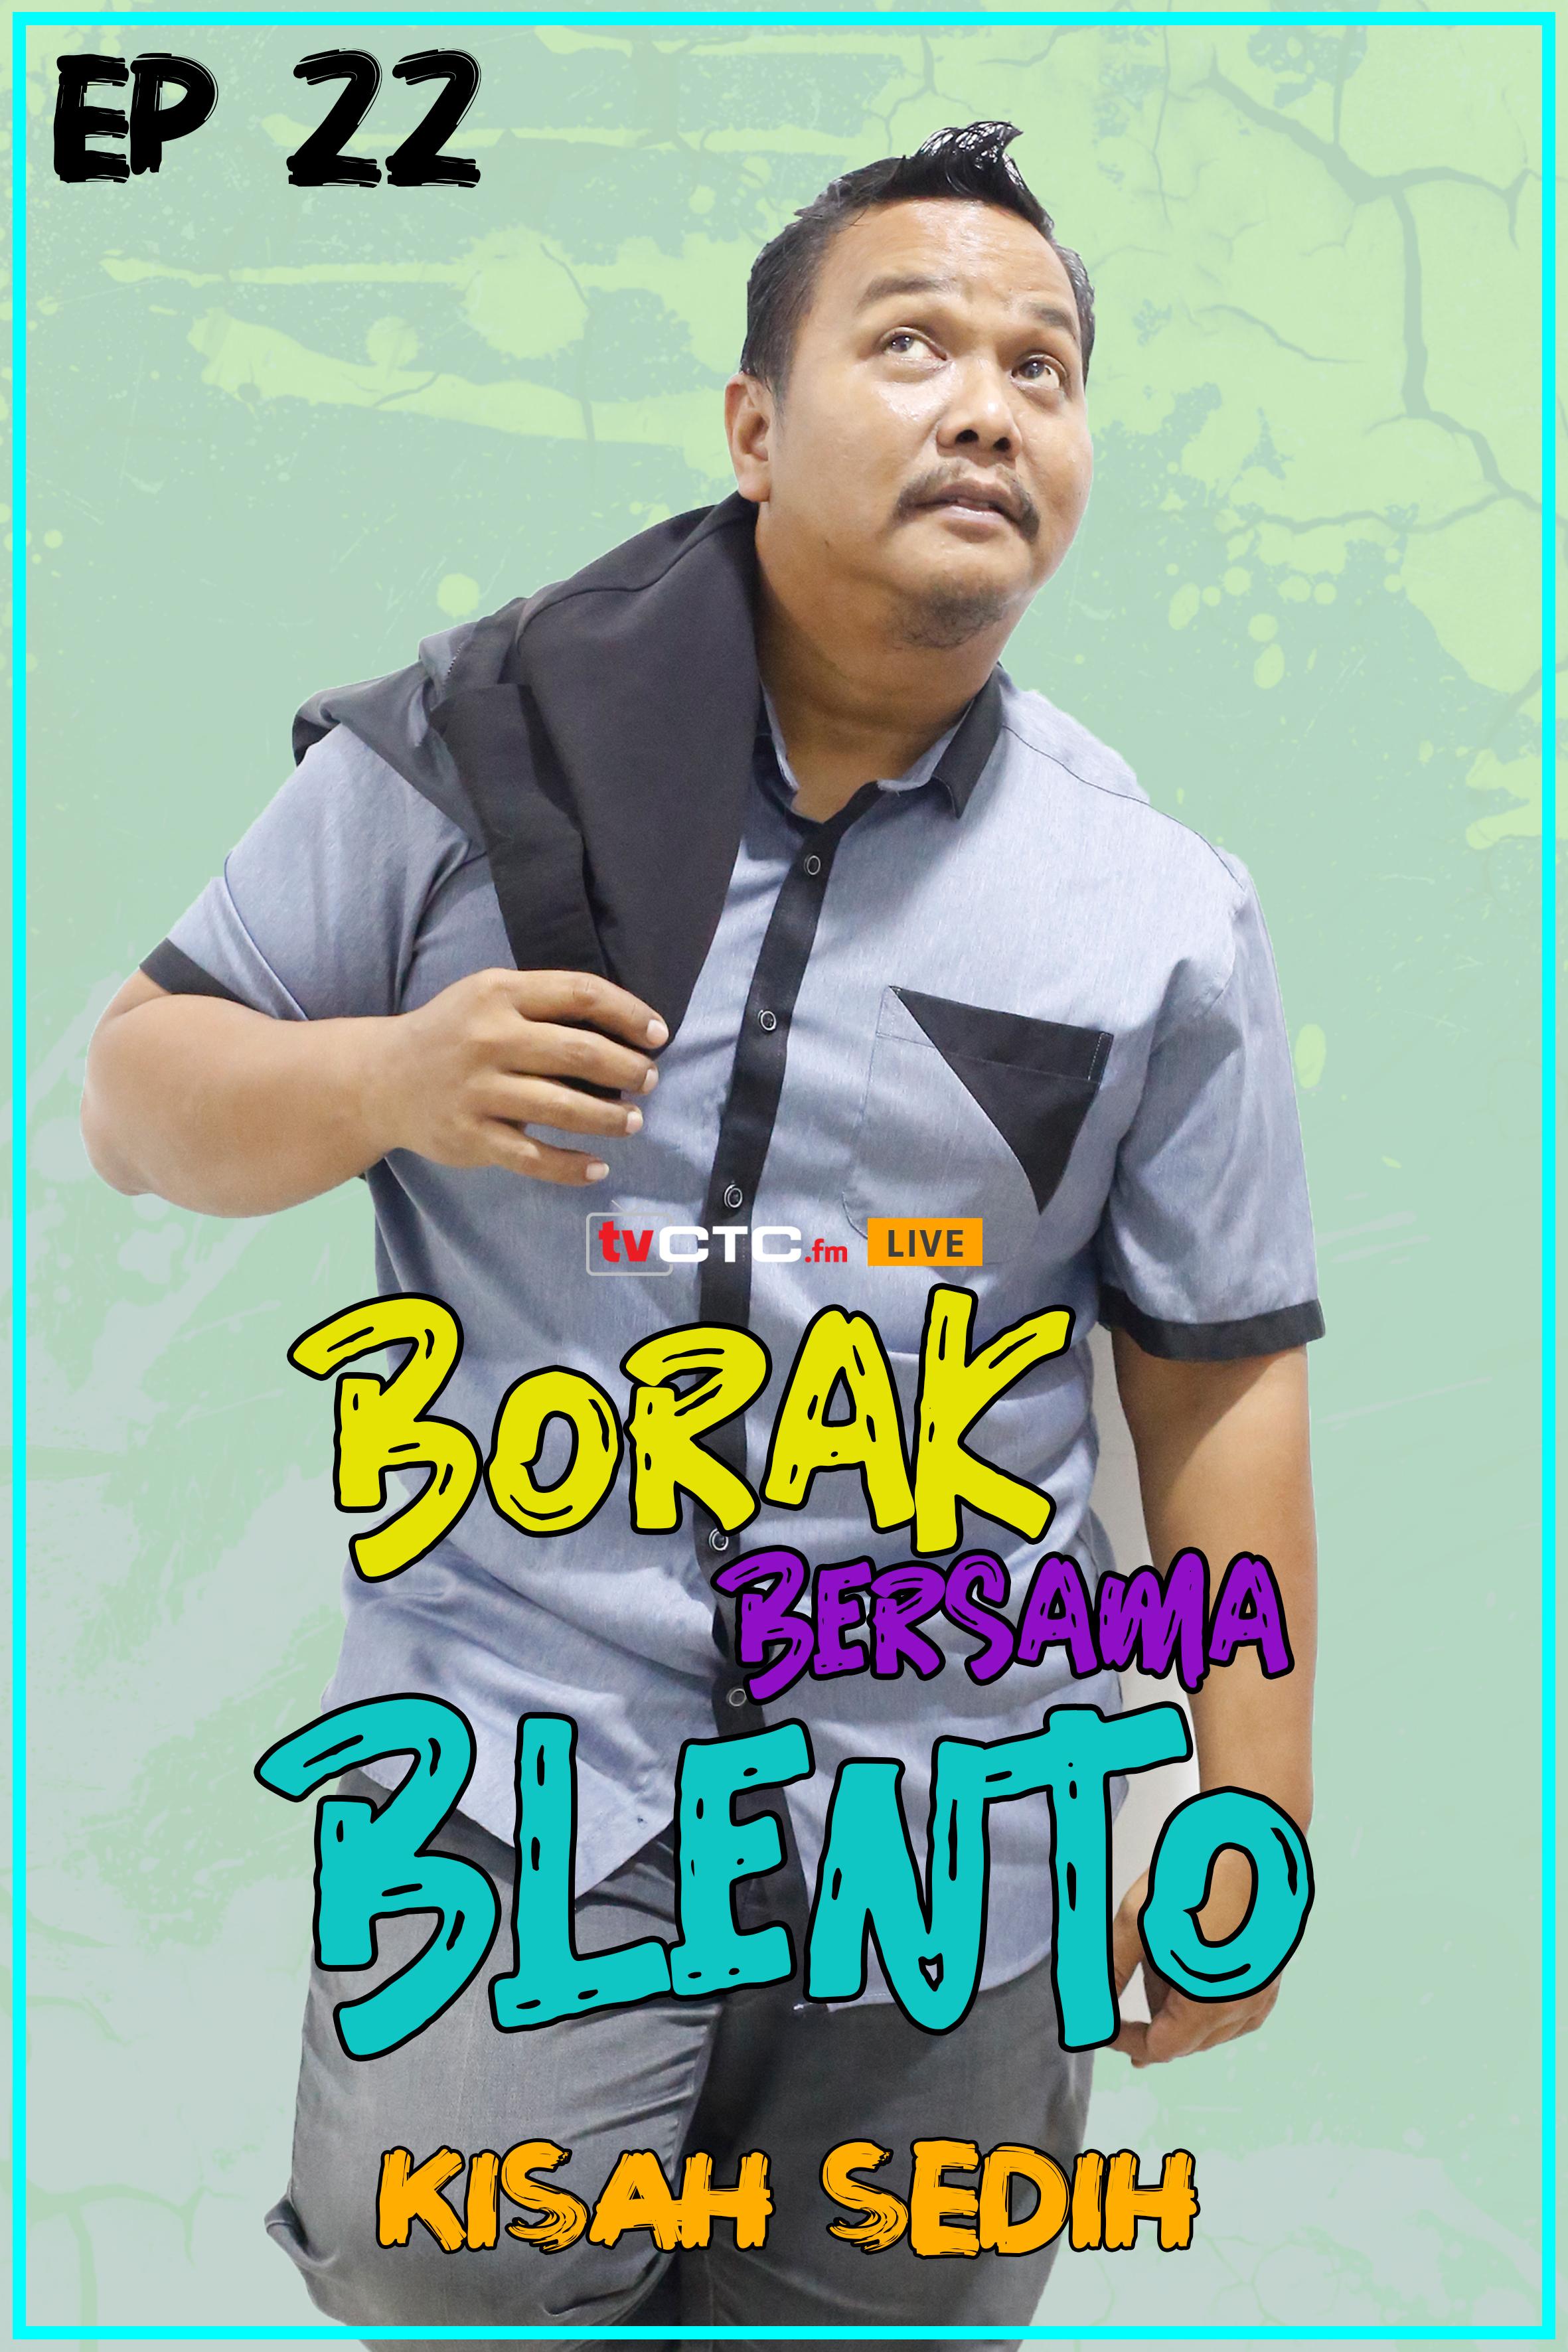 BORAK BERSAMA BLENTO (Episod 22)